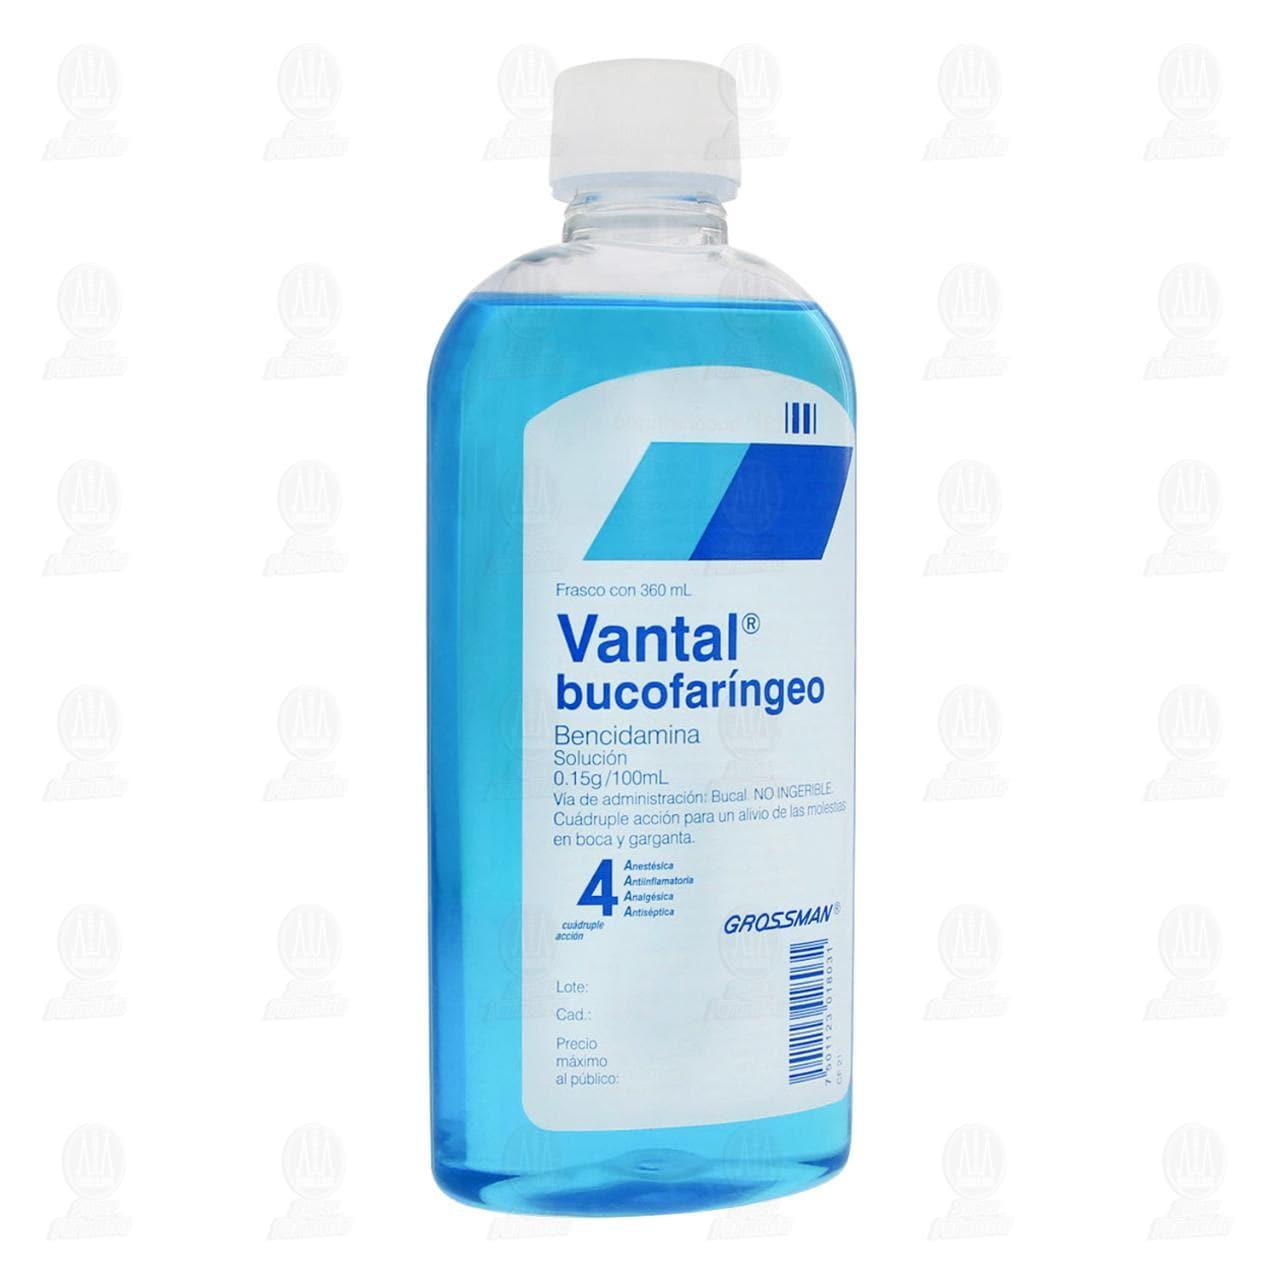 Comprar Vantal Bucofaríngeo 360ml Solución en Farmacias Guadalajara